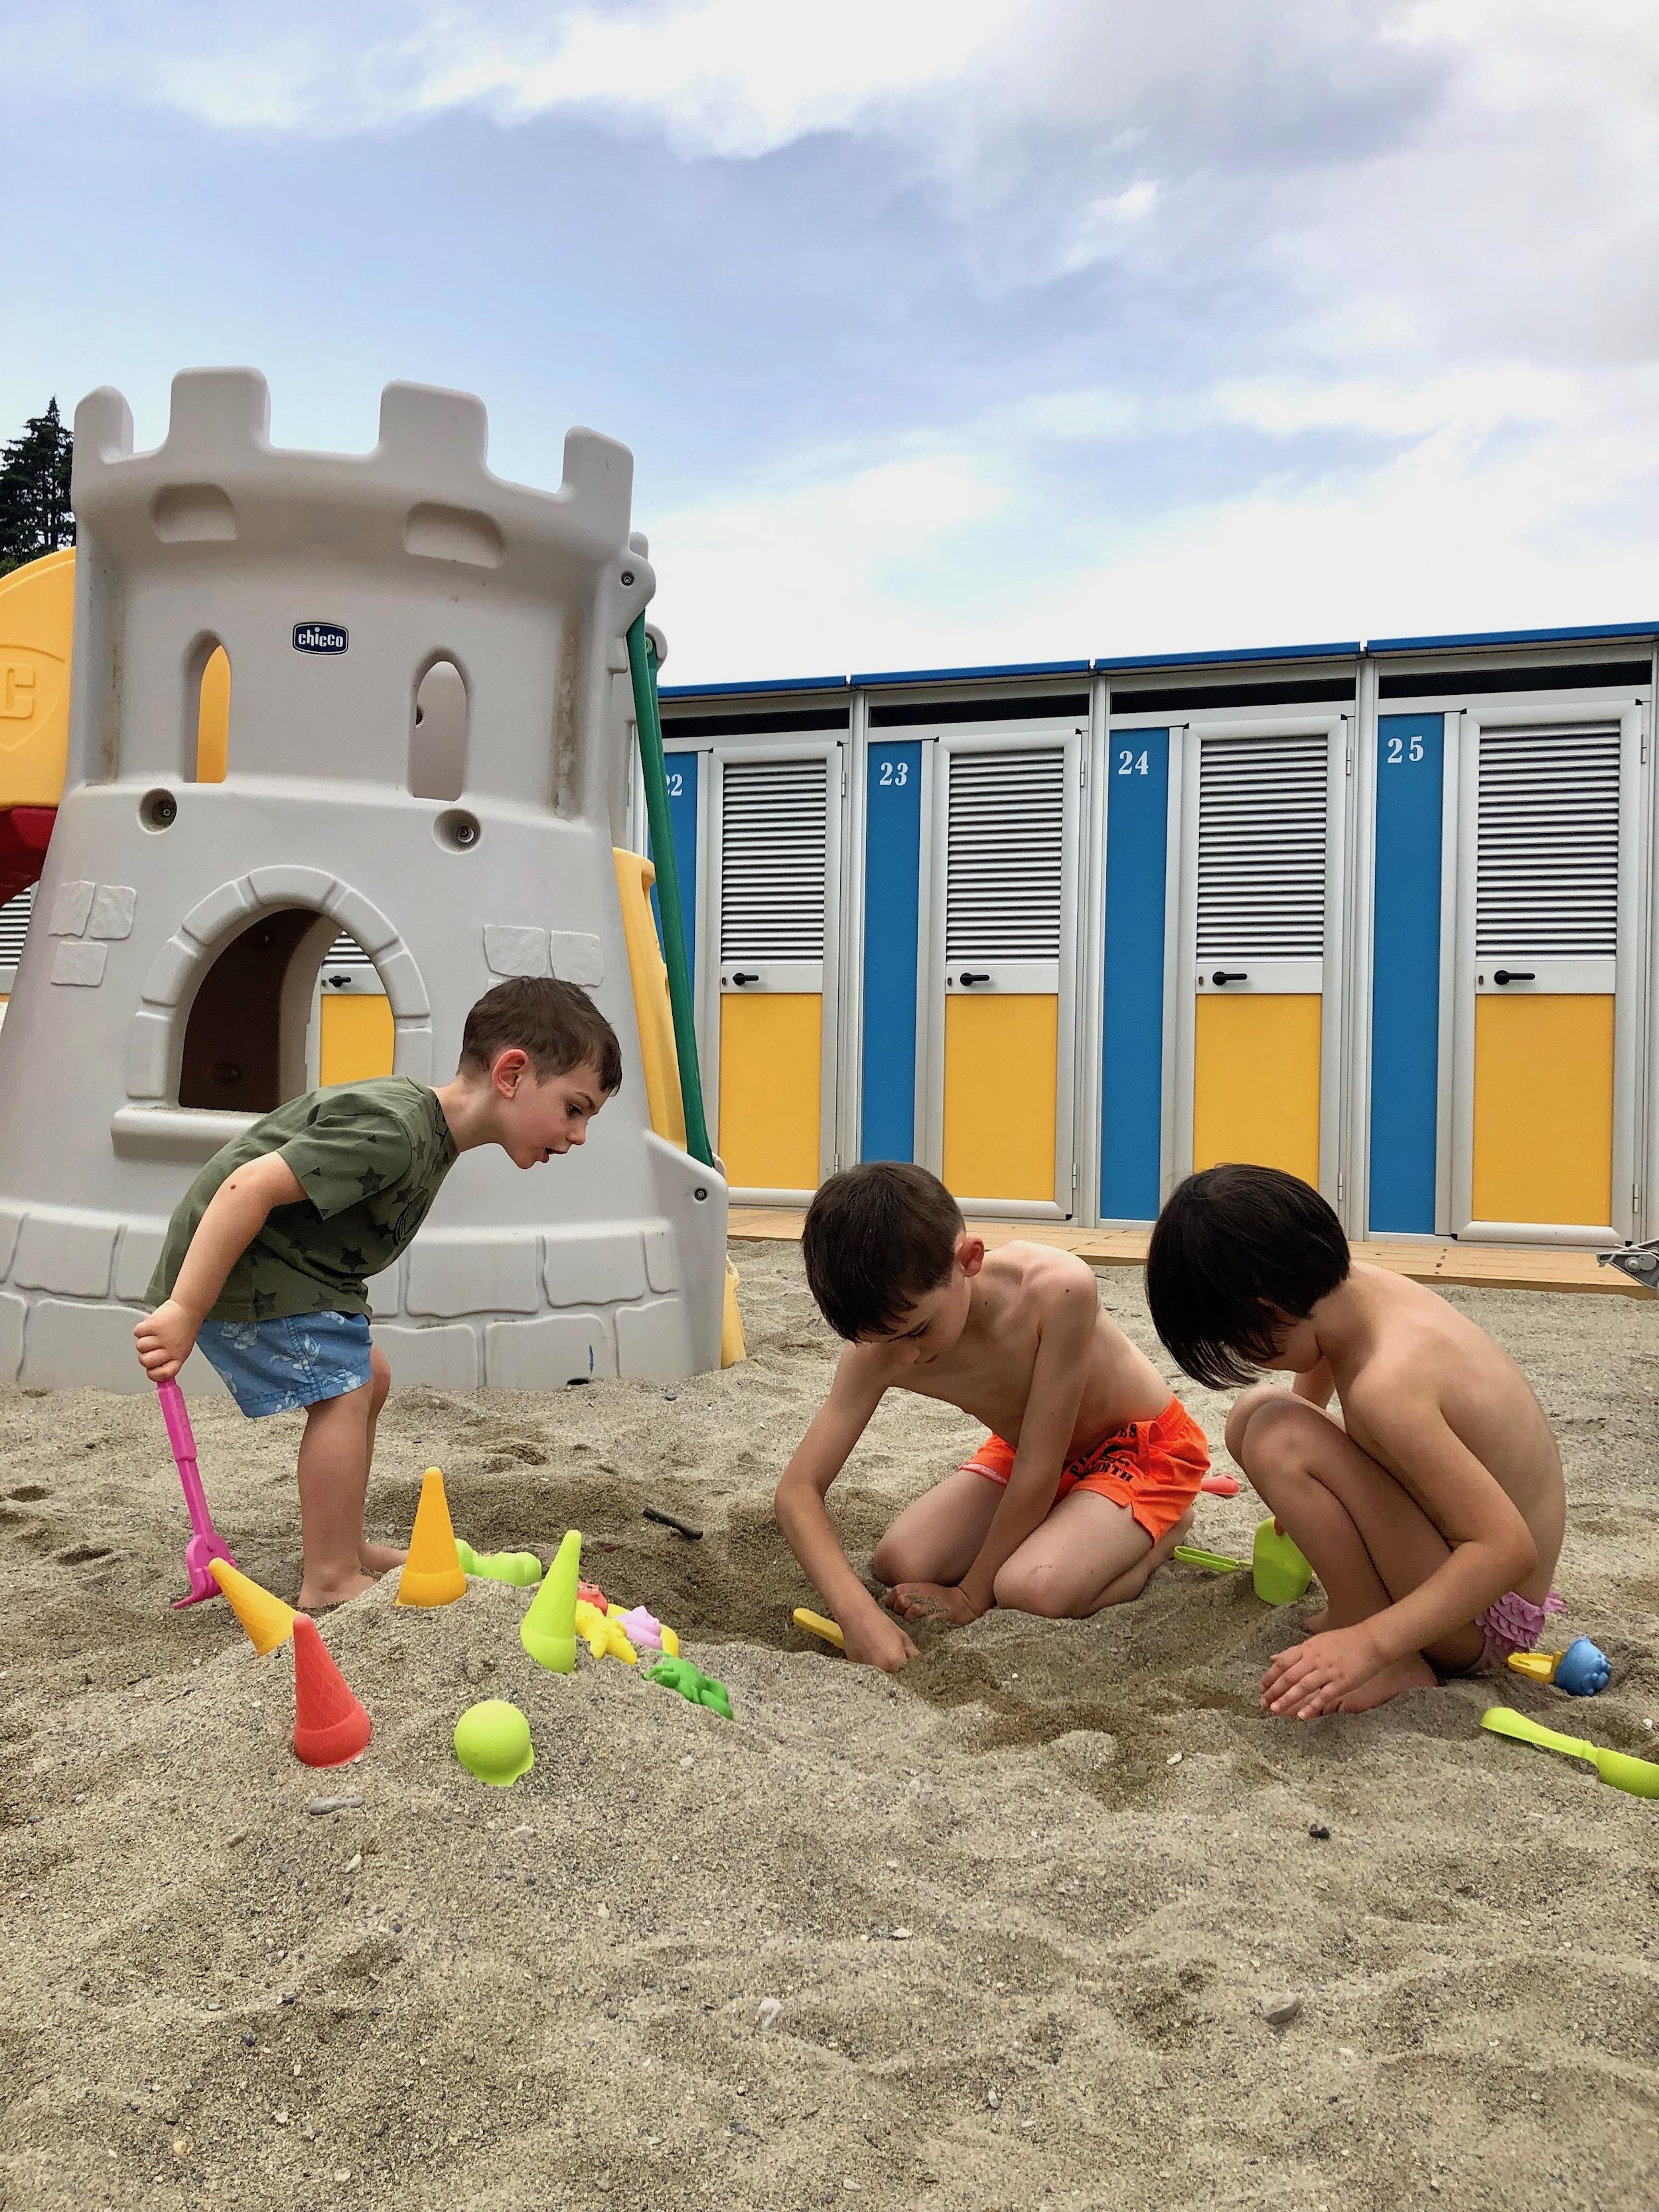 Foto Divertenti Bambini Al Mare da sola in vacanza al mare con 3 bambini i figli crescono